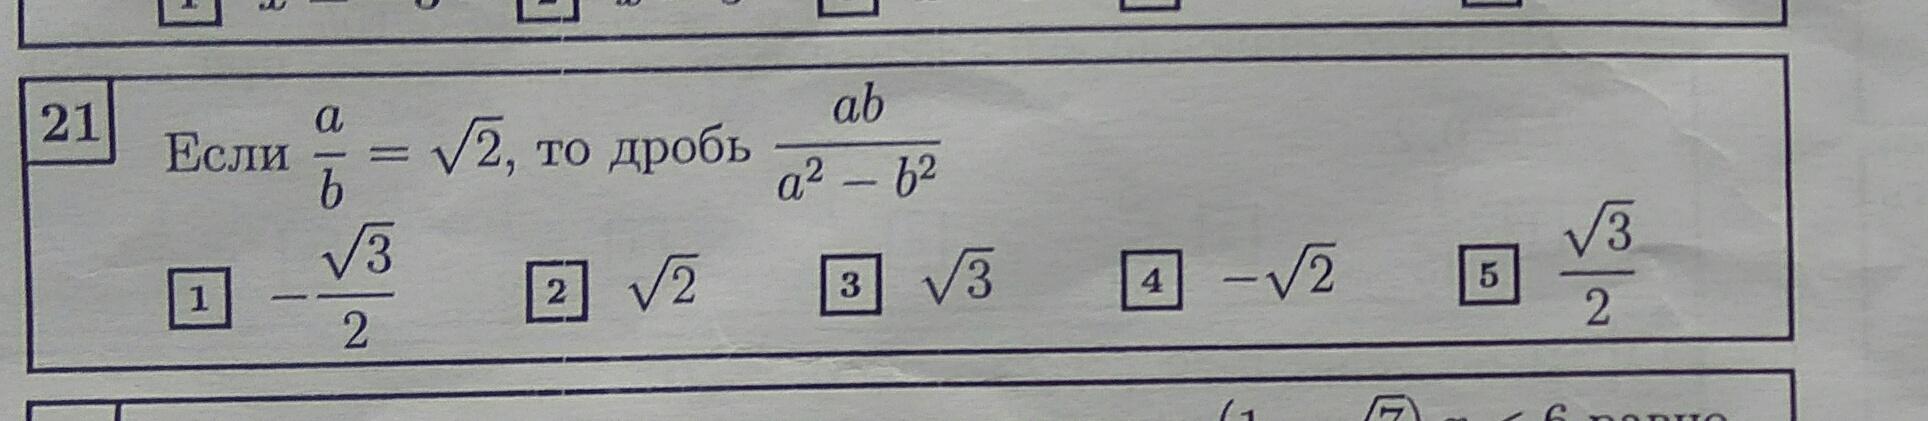 Решите задание по алгебре?